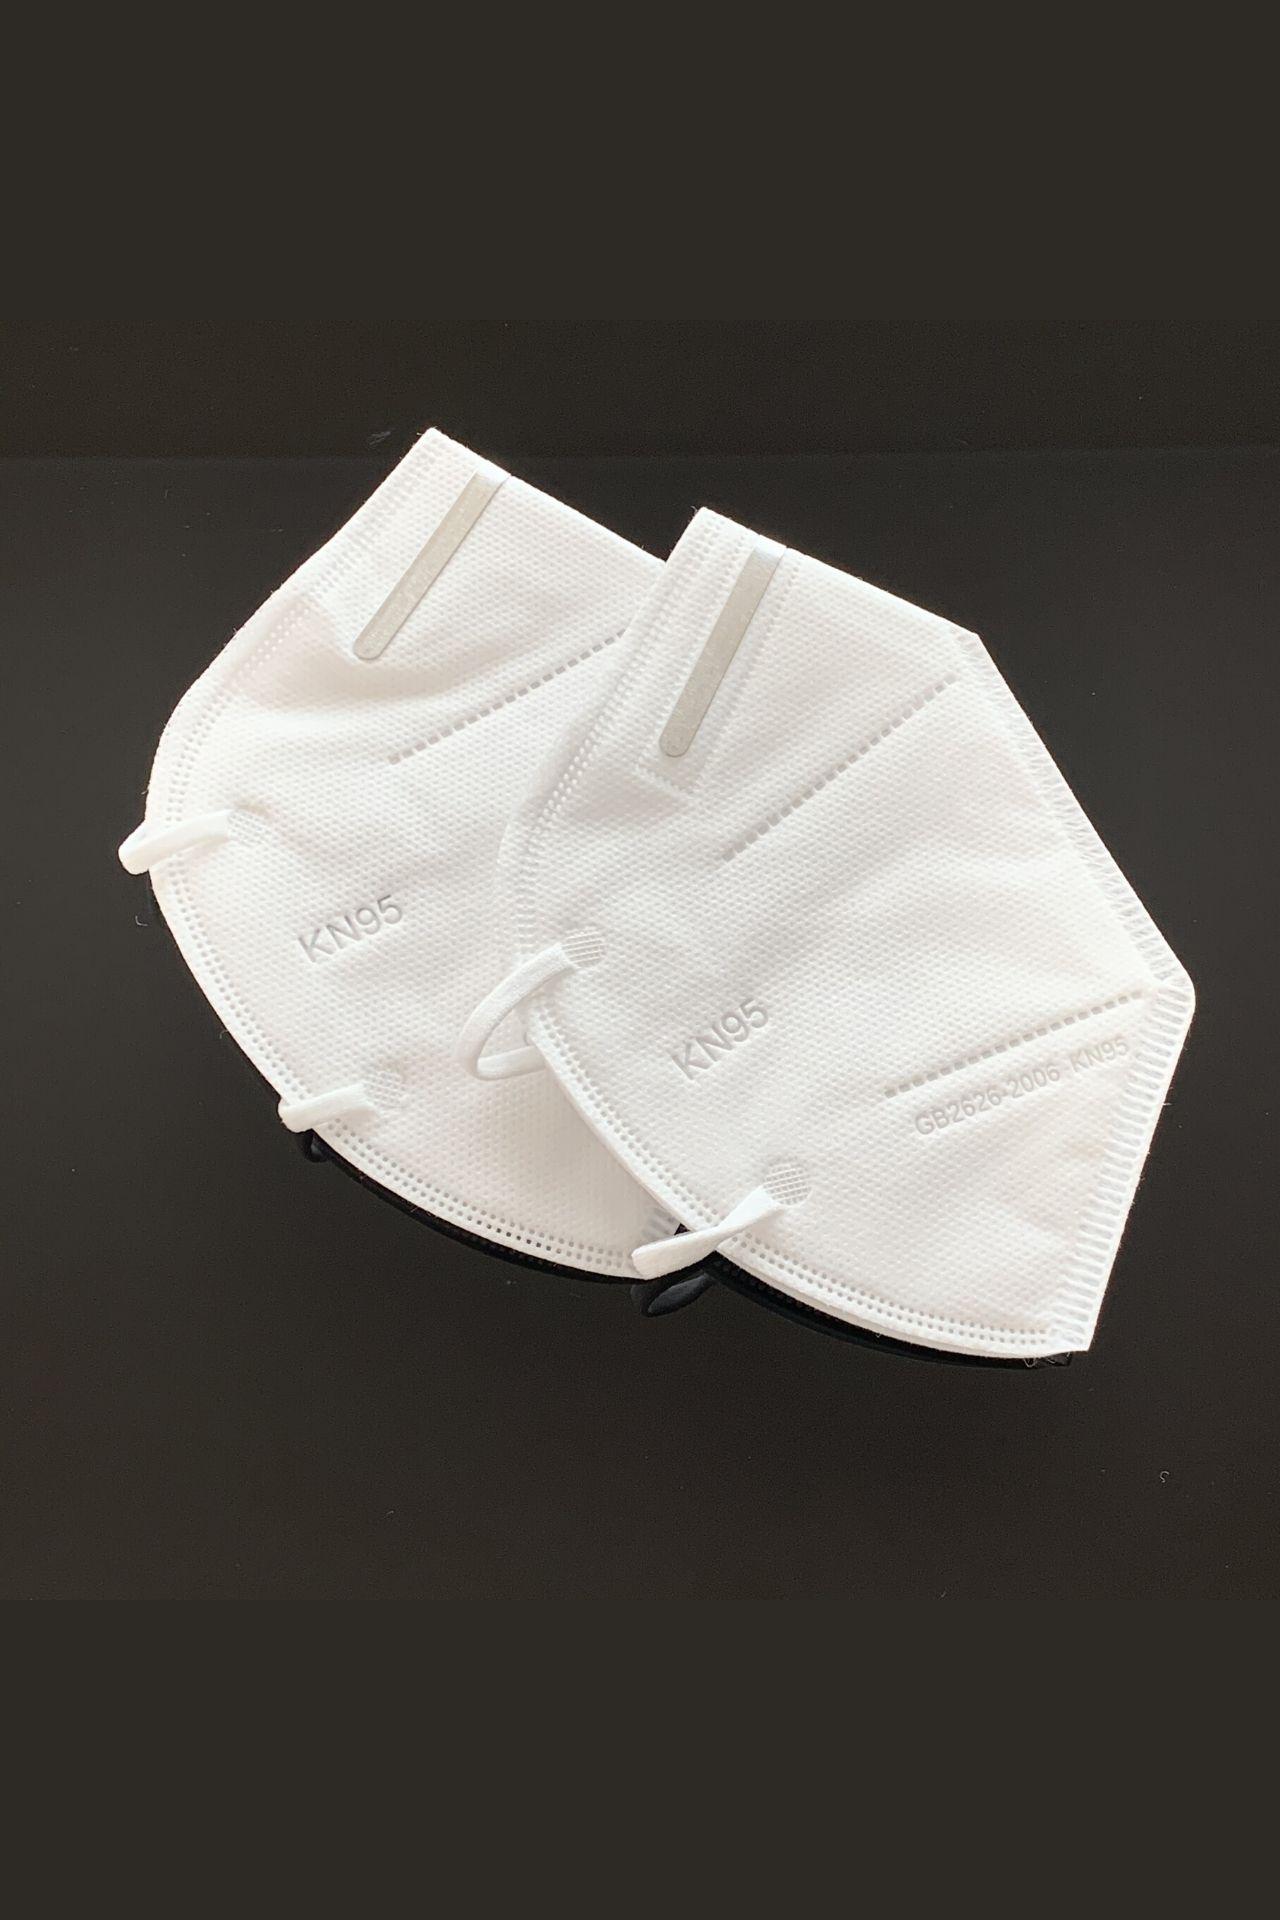 Mascarilla Protectora KN95  Composición: polypropileno  Recubrimiento suave para no dañar la piel  Dobles en la barbilla para mayor comodidad